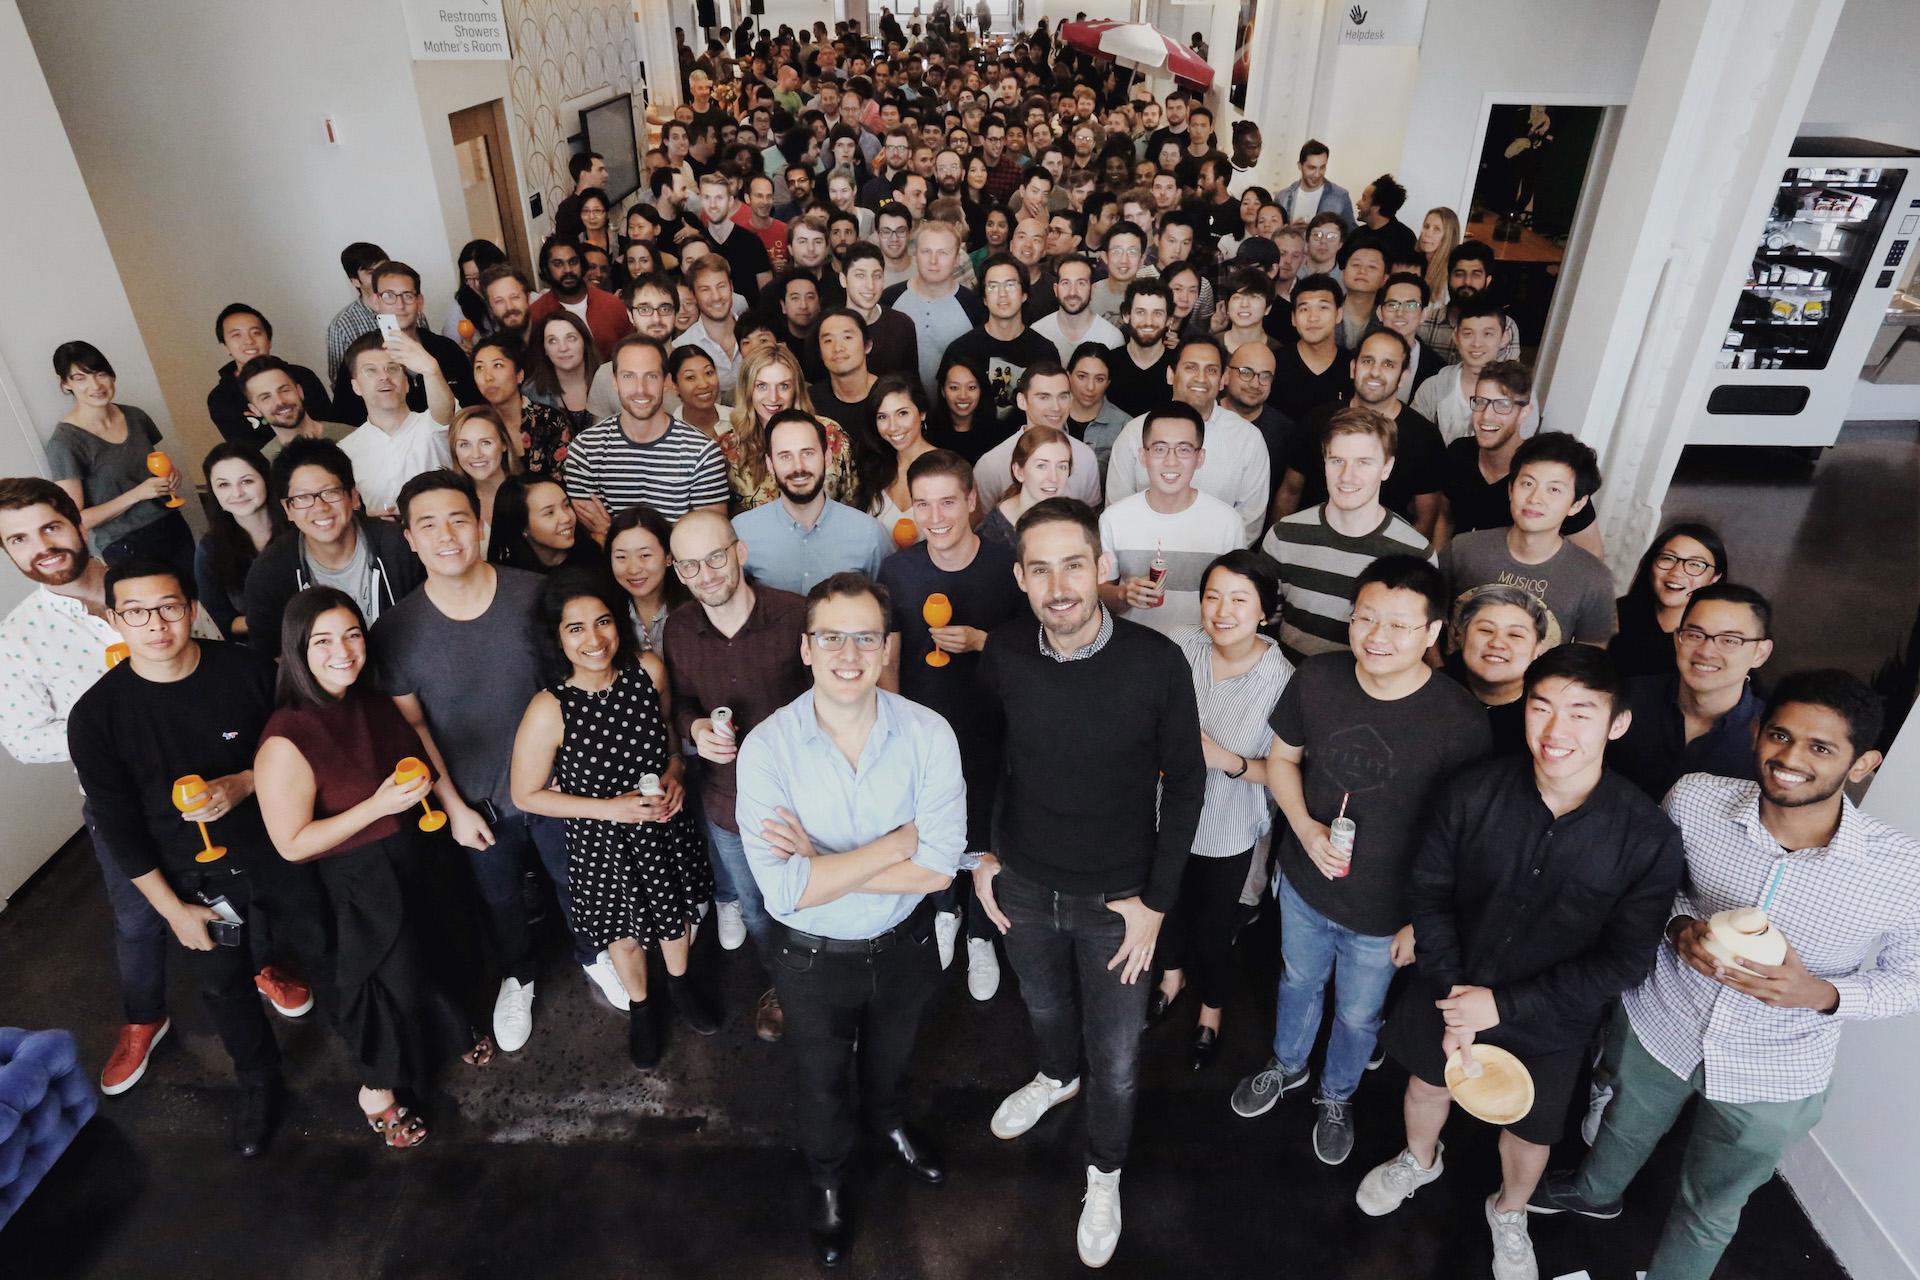 Spoluzakladatelé Instagramu Mike Krieger a Kevin Systrom se svým týmem